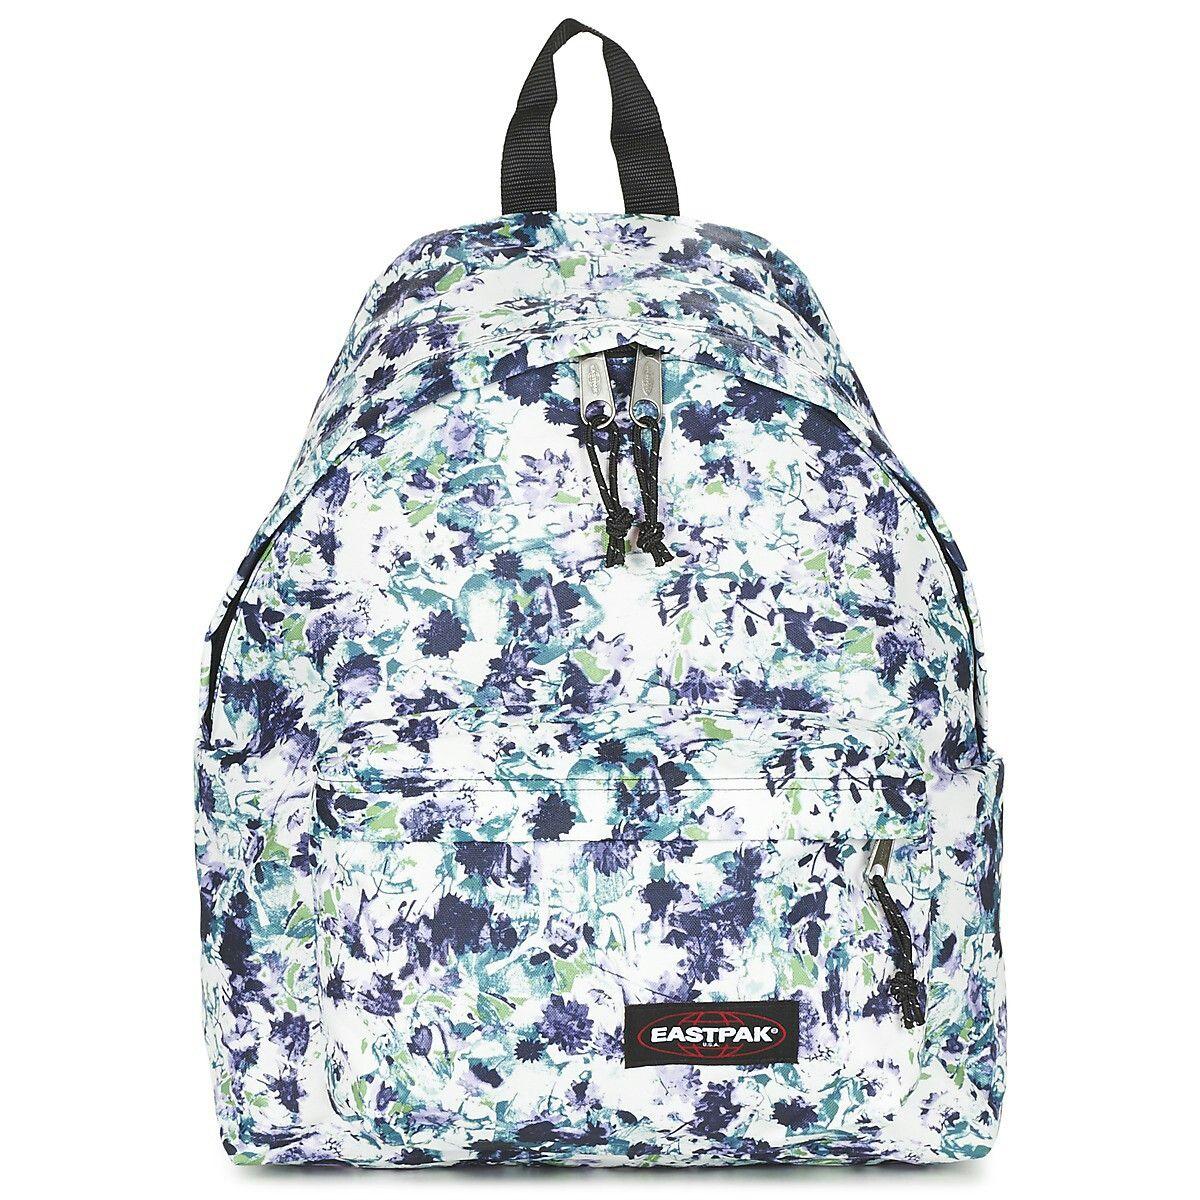 Sacs à dos Eastpak bleu fleurs, imprimé | achat sacs à dos